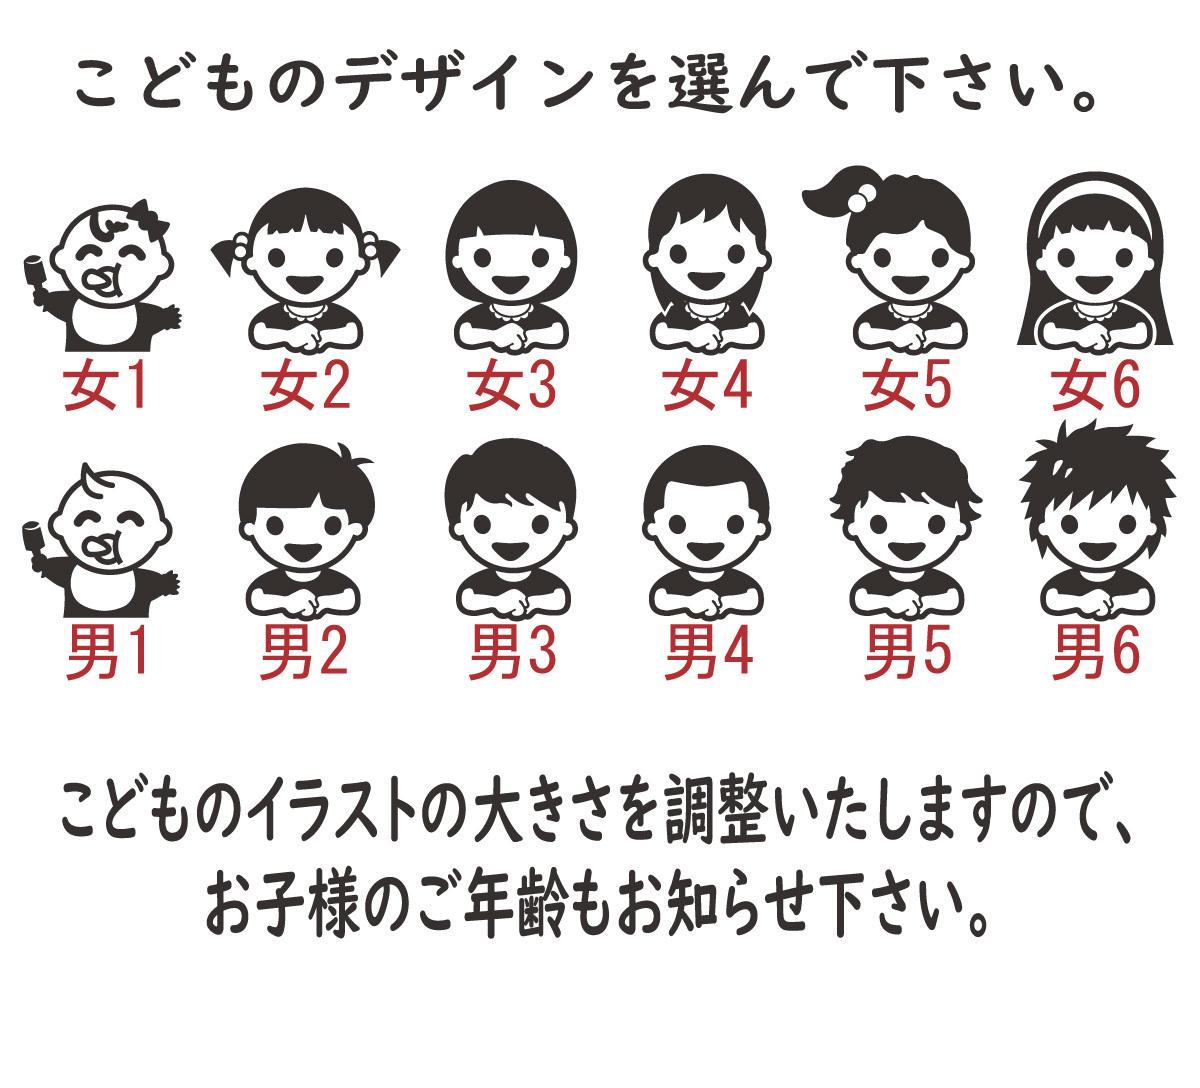 ●4人兄弟・姉妹 KIDSINCAR  ベビーインカーステッカー 選べるかわいい笑顔の子どもデザイン12種類 244_画像3